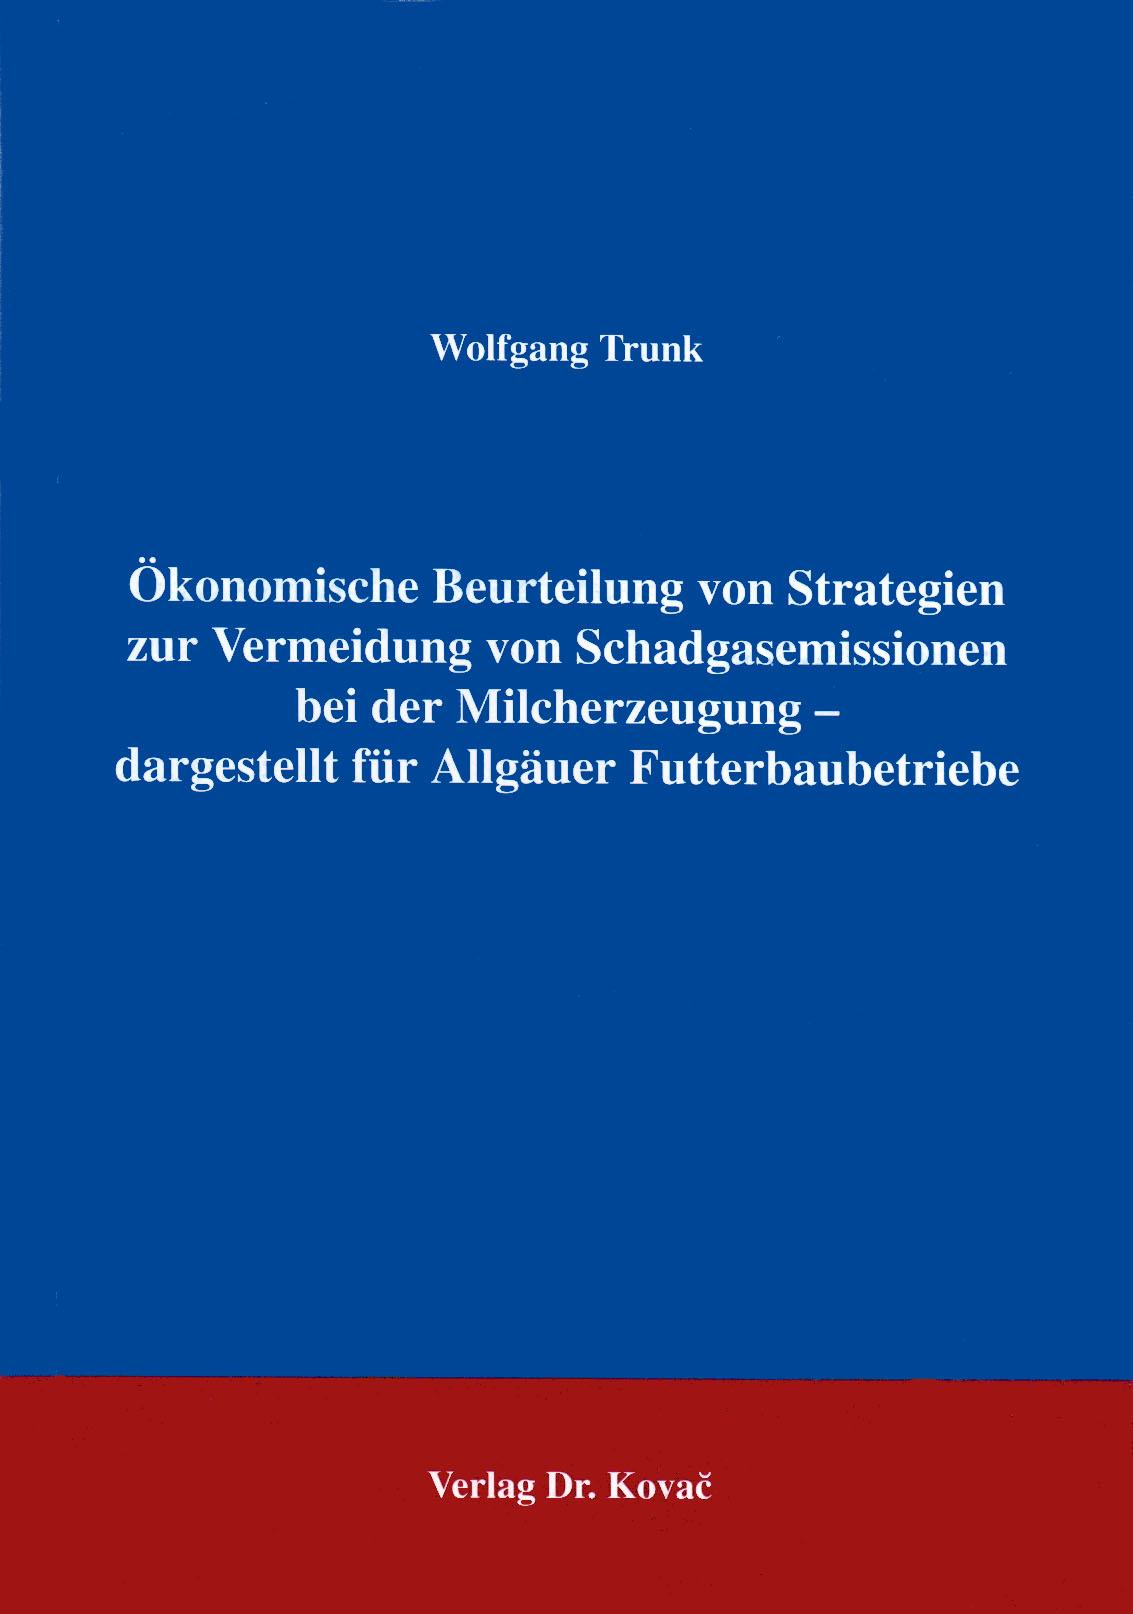 Cover: Ökonomische Beurteilung von Strategien zur Vermeidung von Schadgasemissionen bei der Milcherzeugung